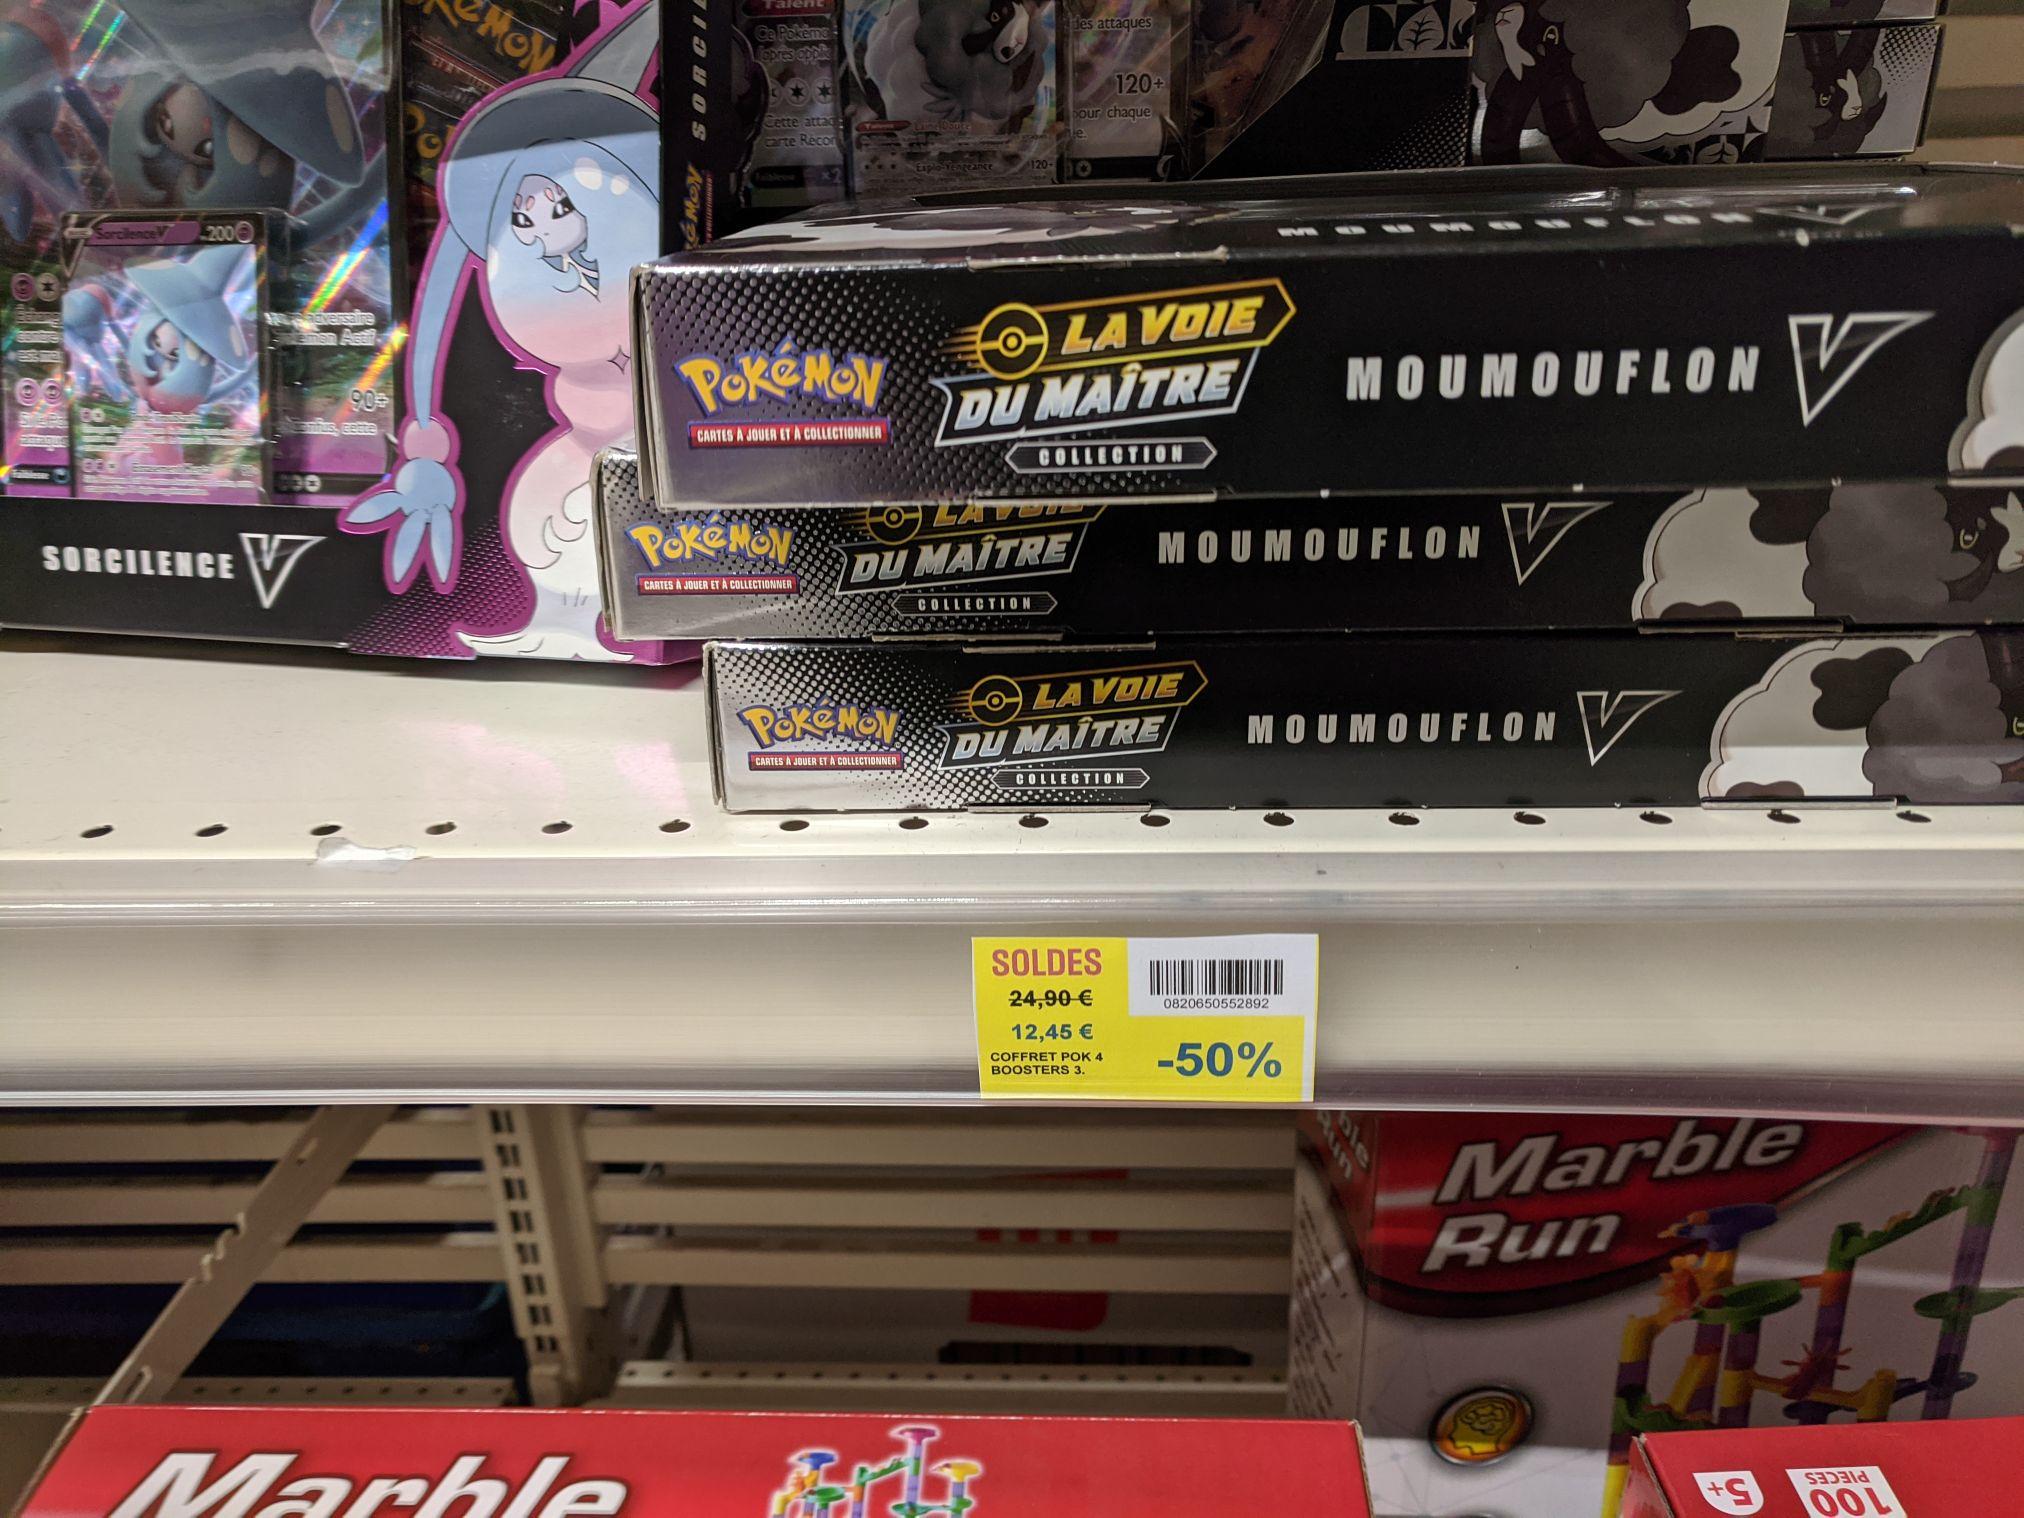 Coffret Pokémon 4 Boosters La Voie du Maître - Saint Herblain (44)